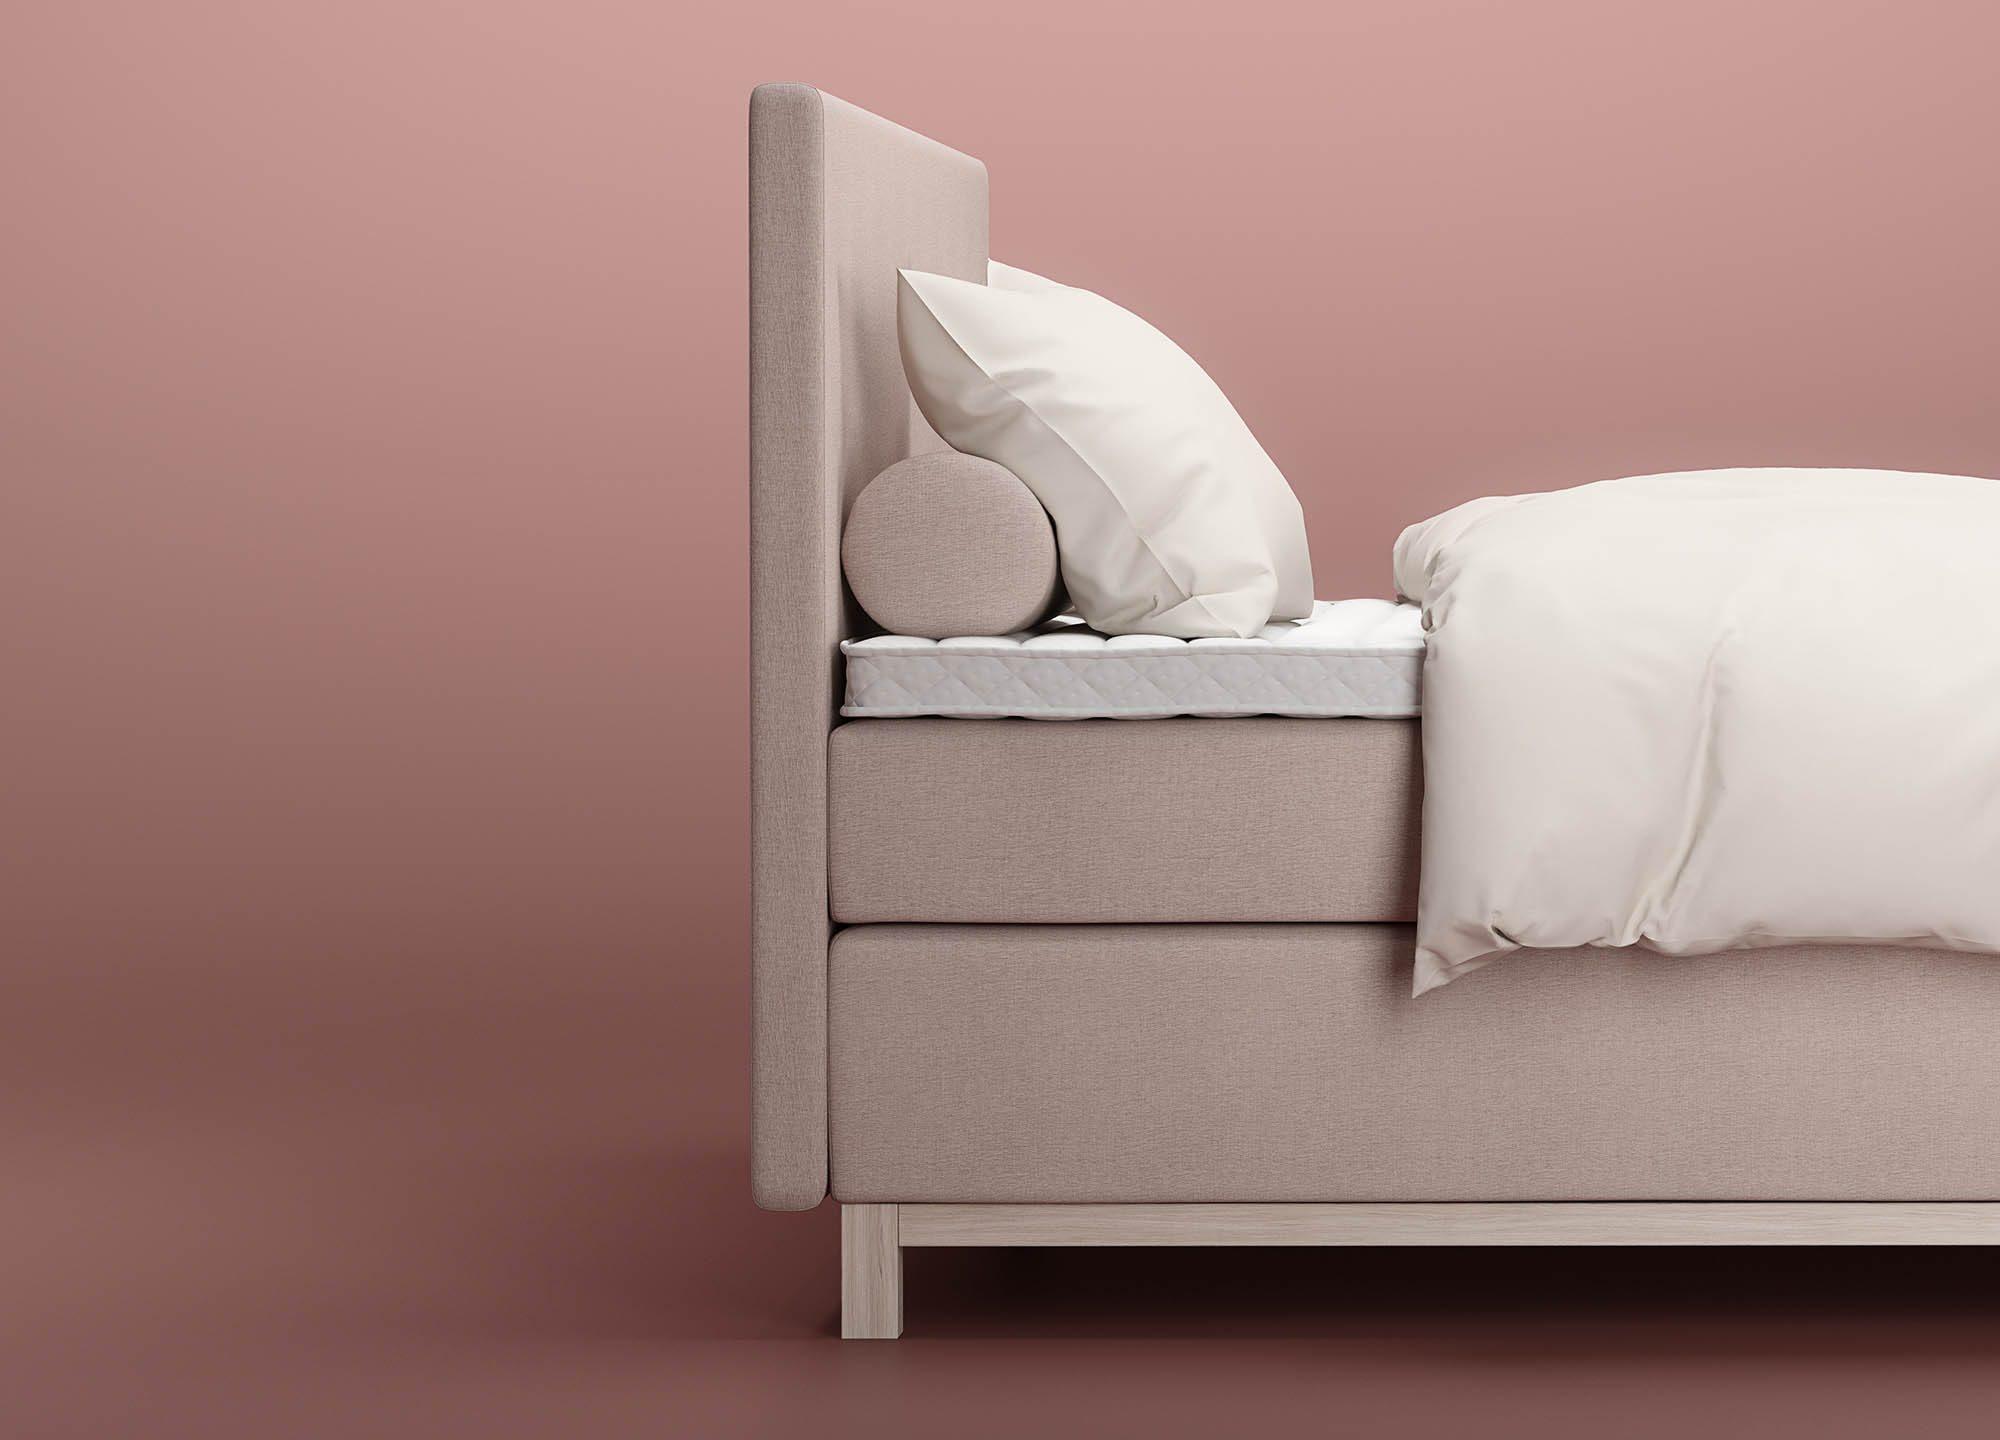 W400 sänggavel från Wonderland med Tube gavelkuddar.